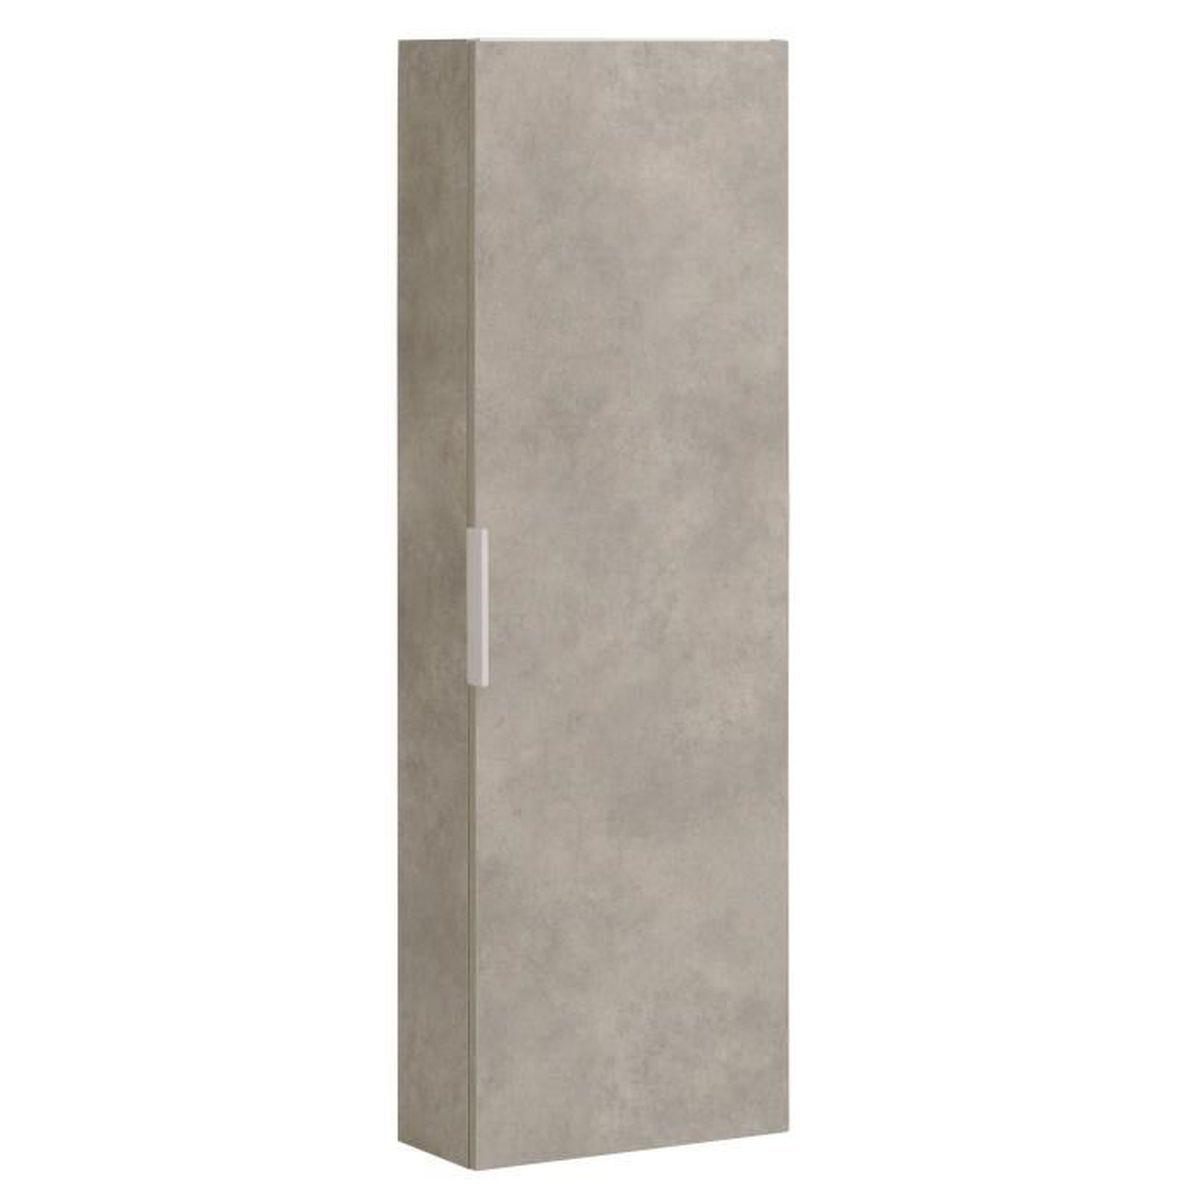 luxy colonne de salle de bains 120cm effet b ton gris achat vente colonne armoire sdb. Black Bedroom Furniture Sets. Home Design Ideas